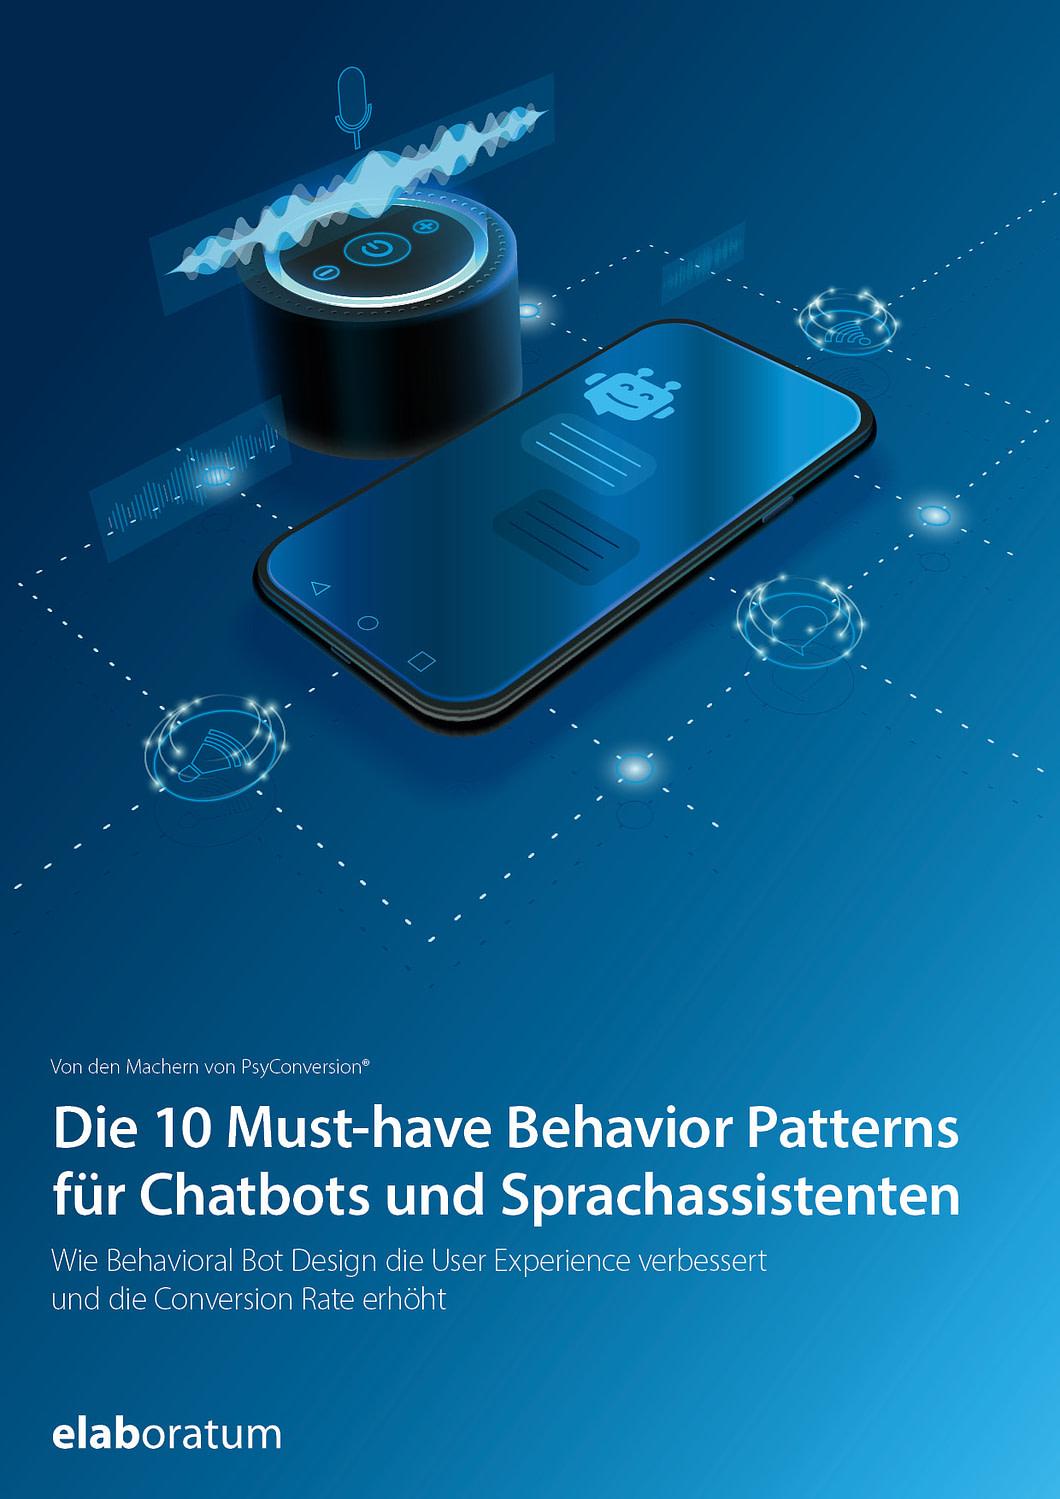 Whitepaper: Die 10 Must-have Behavior Patterns für Chatbots und Sprachassistenten